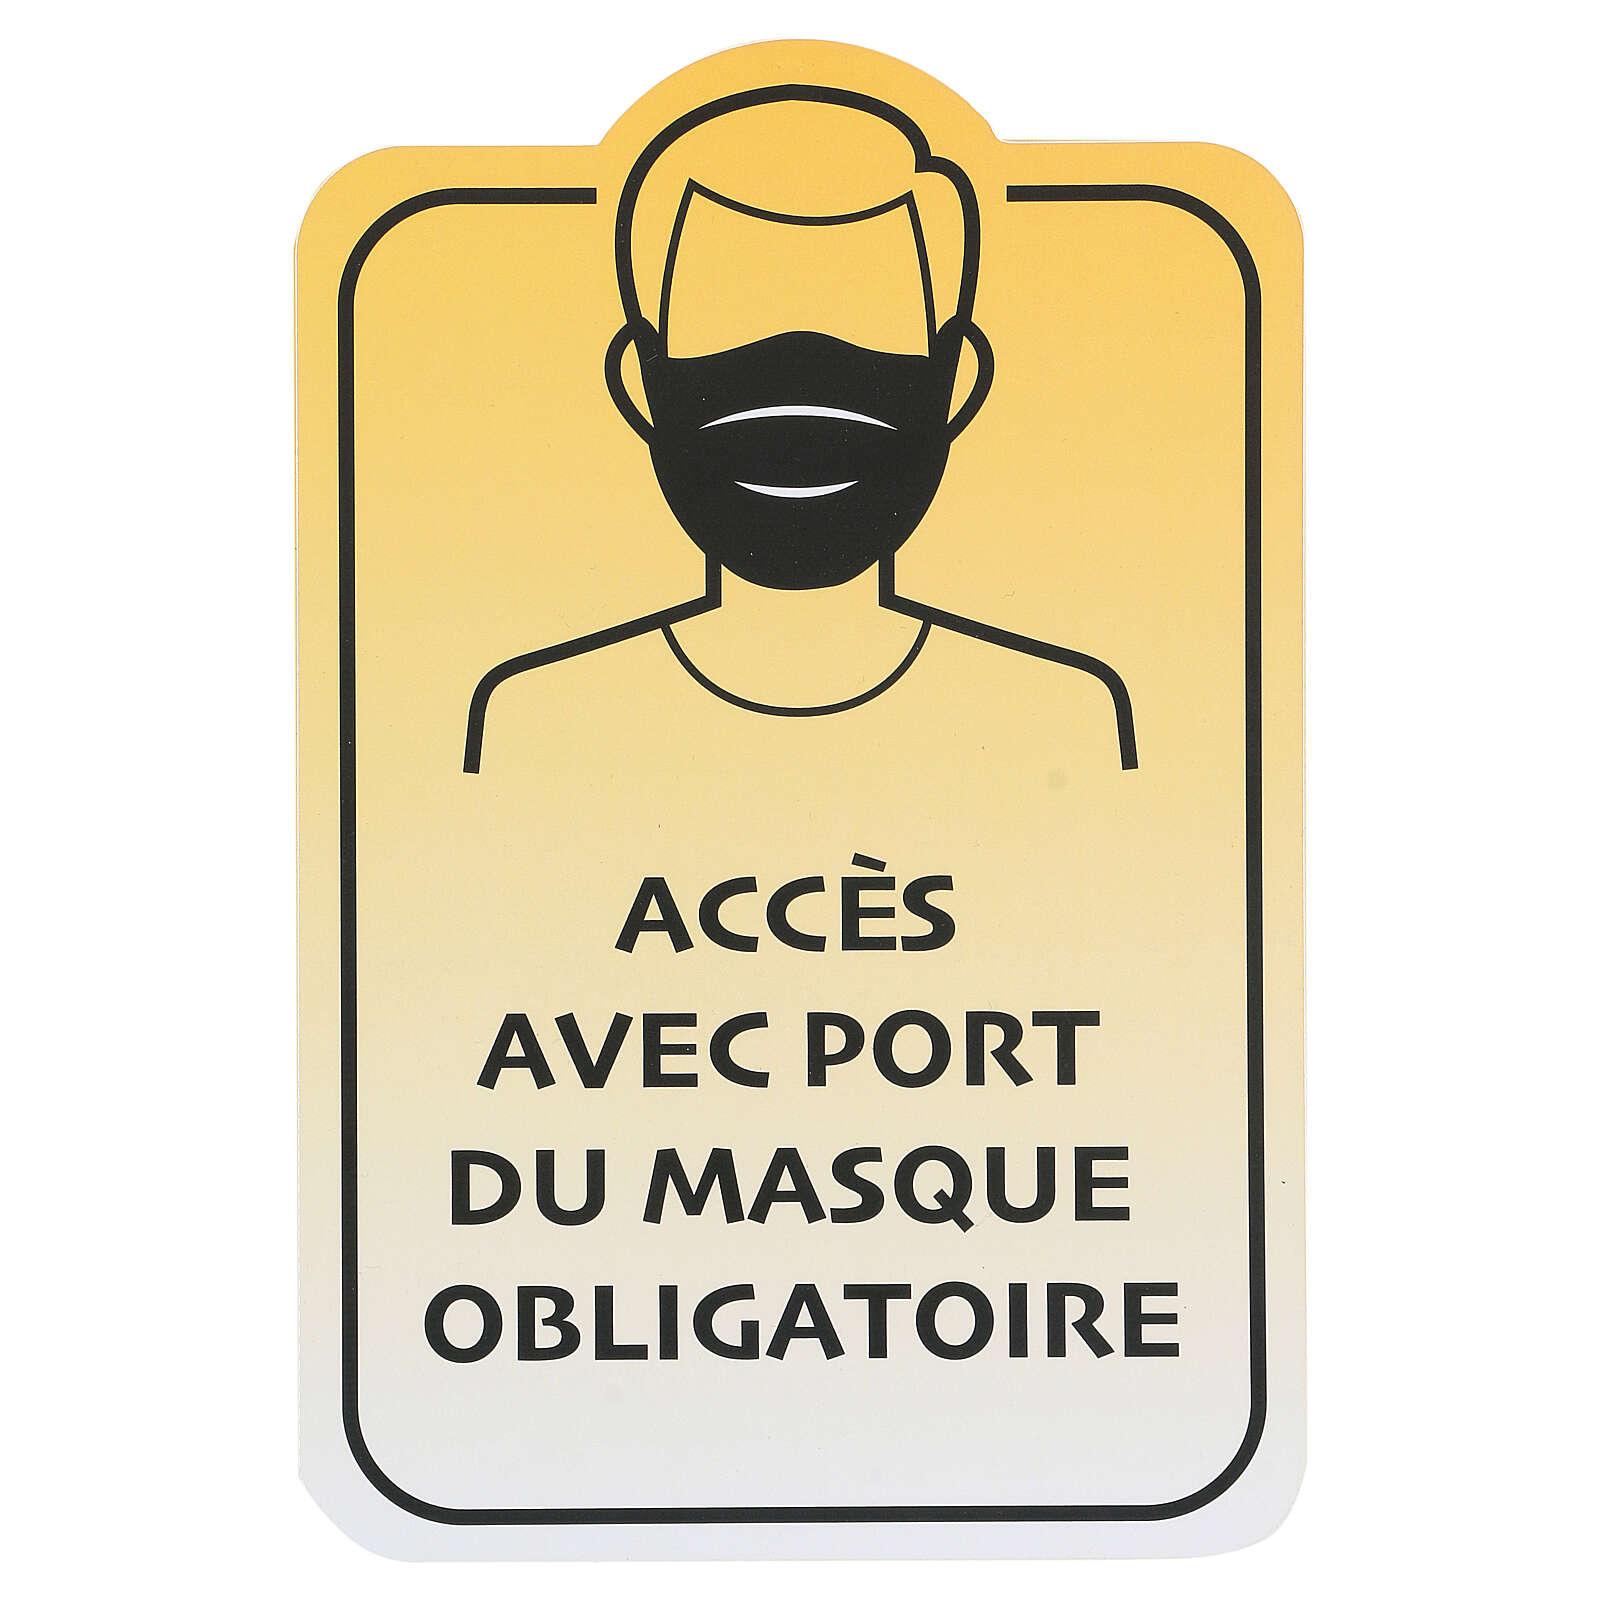 Autocollants amovibles 4 PCS - ACCÈS AUTORISÉ SEULEMENT AUX PORTEURS DE MASQUE 3